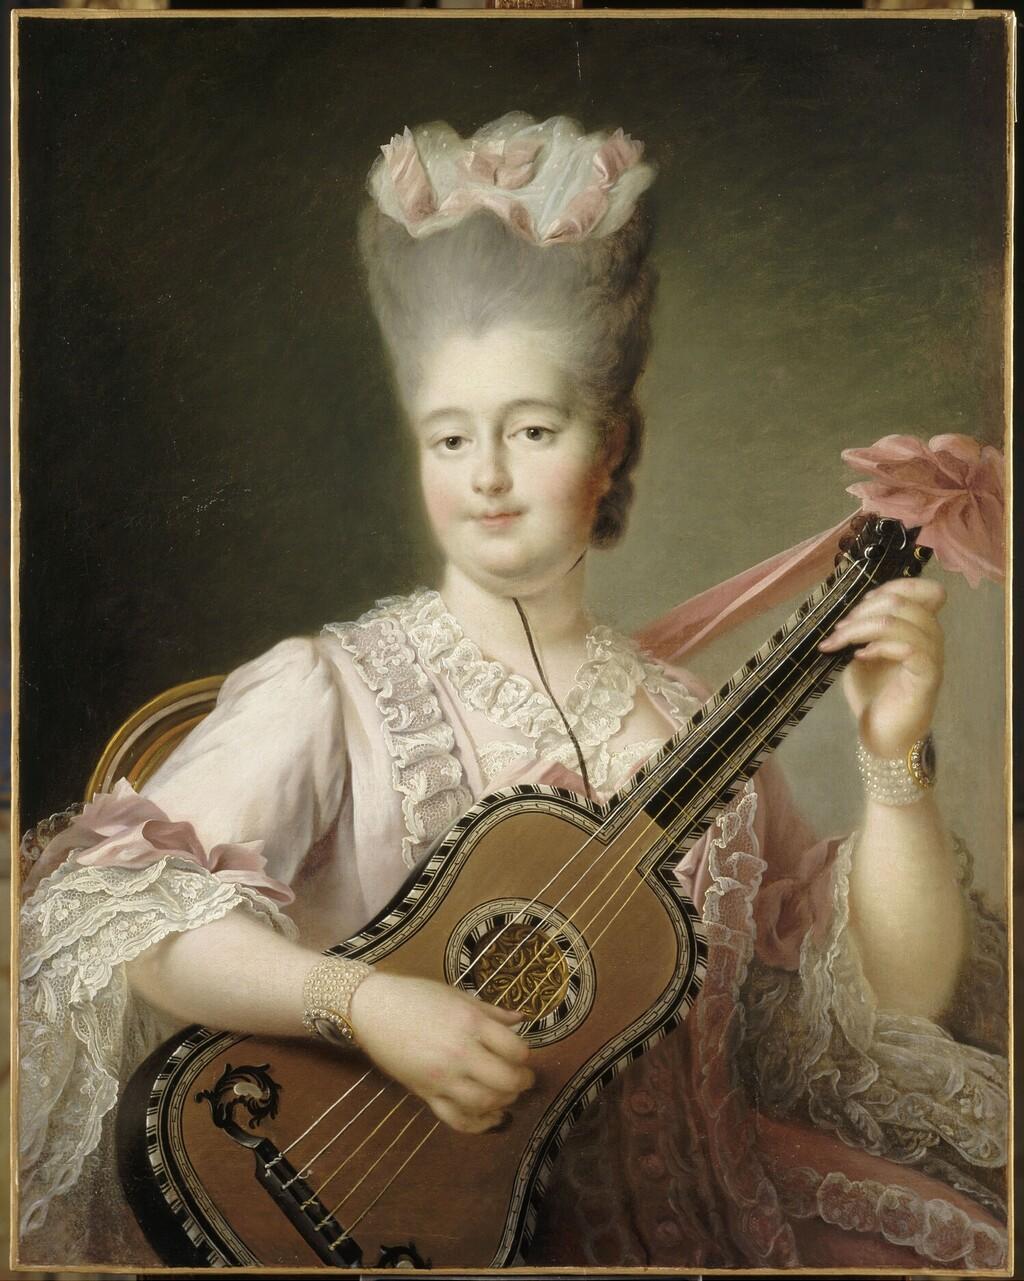 """La princesse Clotilde de France, dite Madame Clotilde, """"Gros Madame"""" - Page 2 Imagep41"""